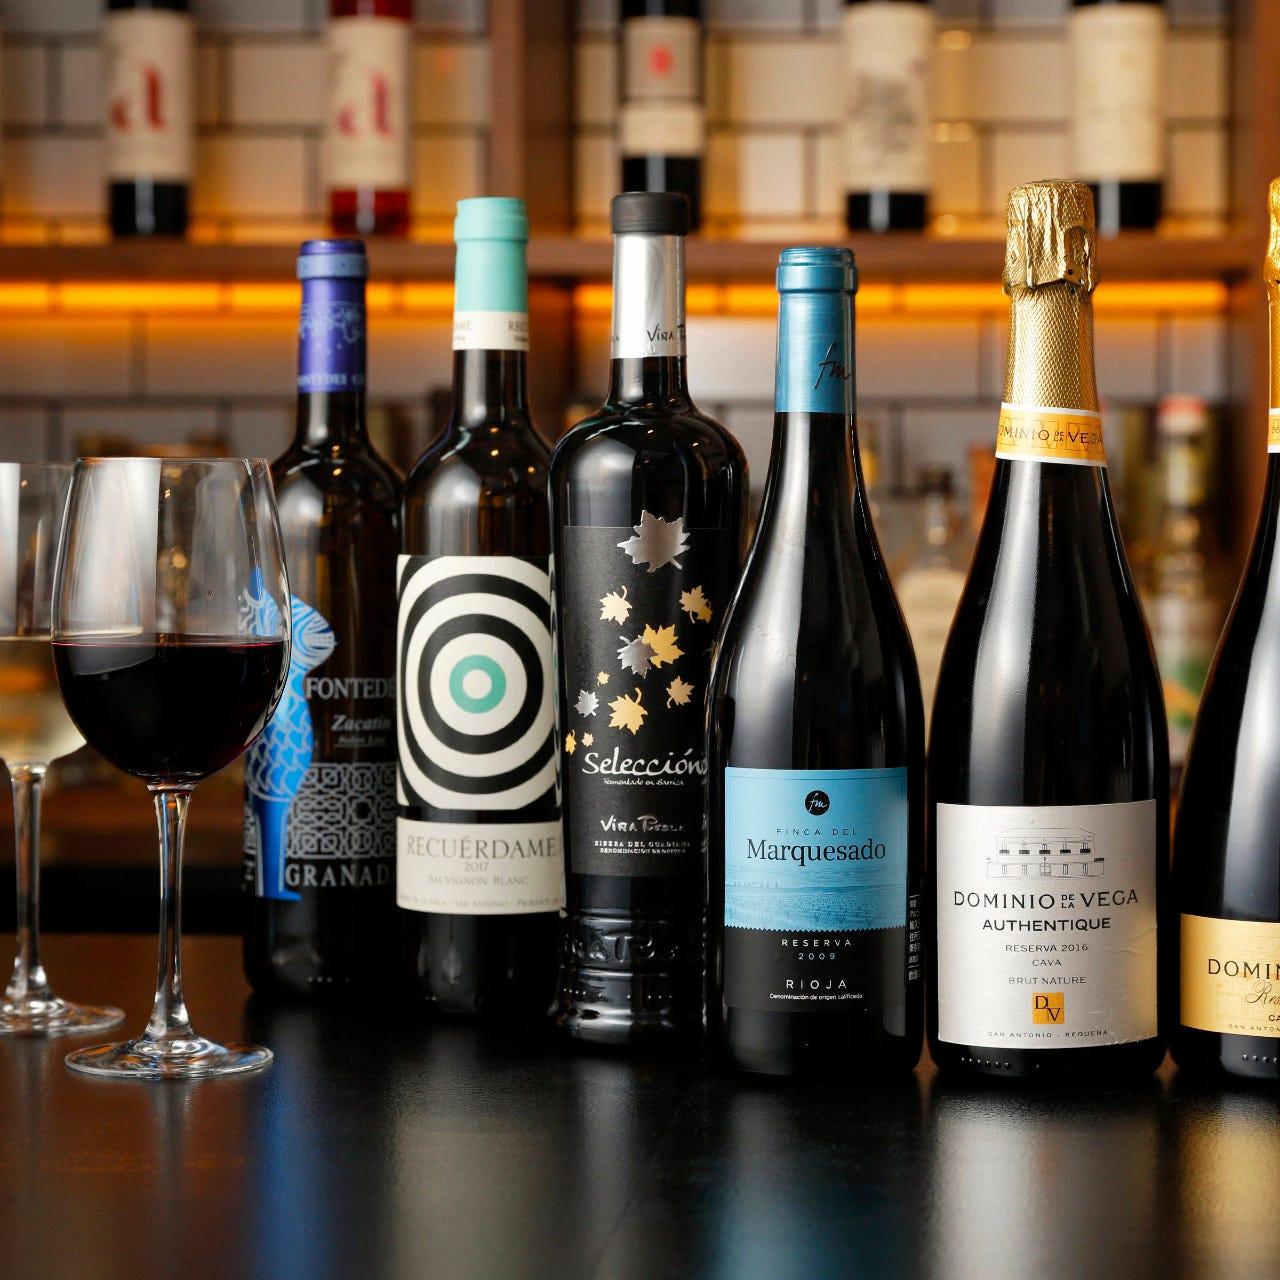 ソムリエが厳選したスペイン産の希少なワインを20種類以上ご用意